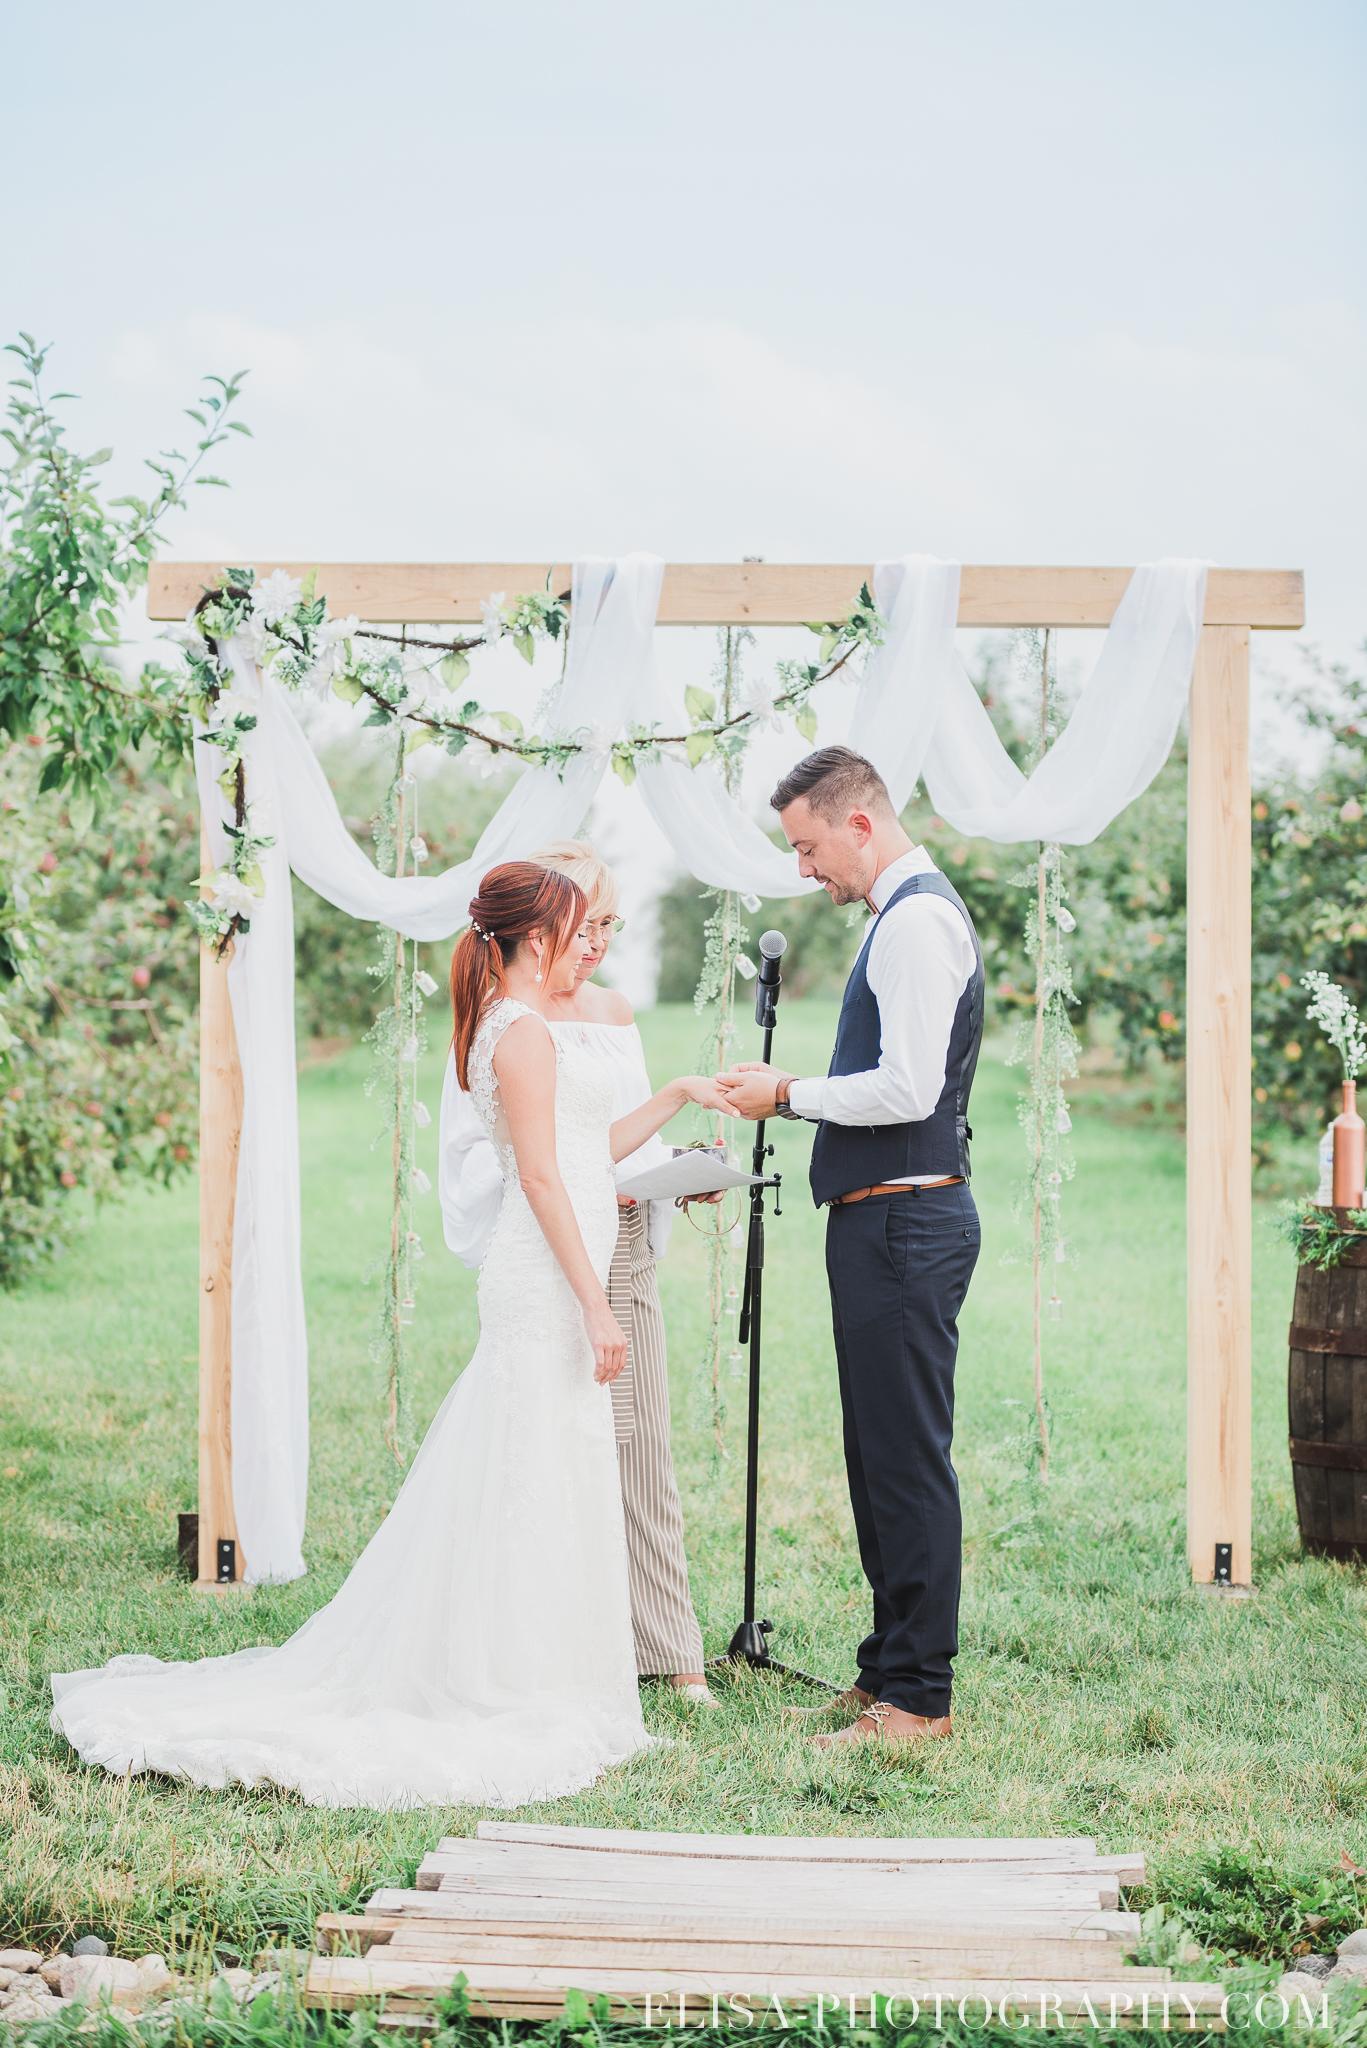 photo mariage ferme genest ceremonie verger pommier quebec 1483 - Smoke bomb et mariage dans les vergers de la Ferme Genest à Saint-Nicolas